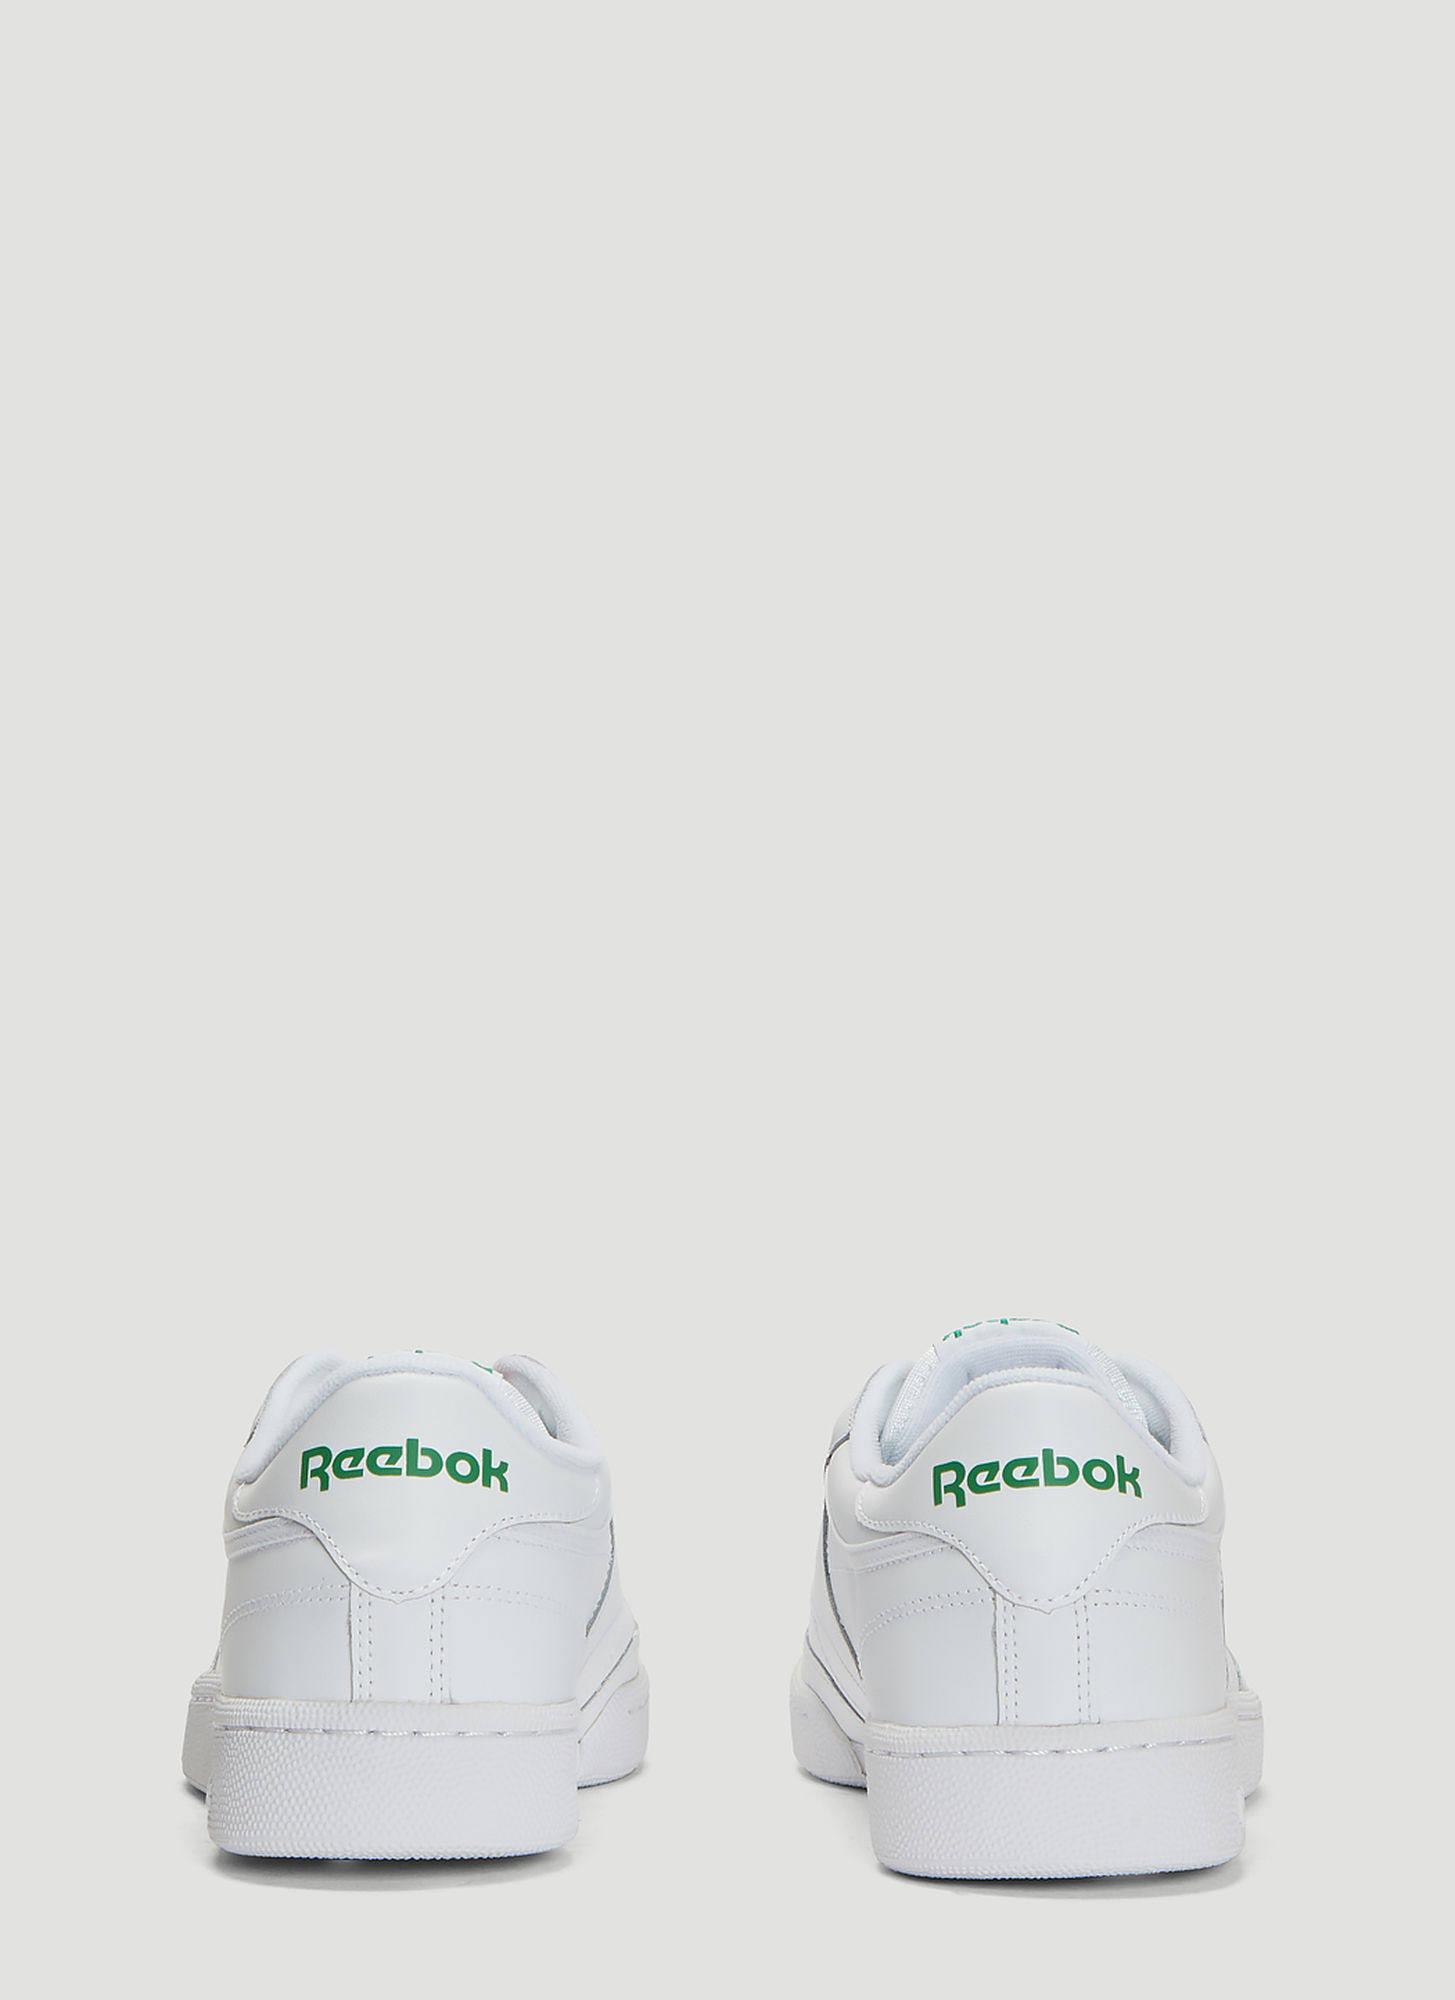 En Y C Reebok Verde Zapatillas Club Ar0456 85 Blanco xHFAnCIwvq